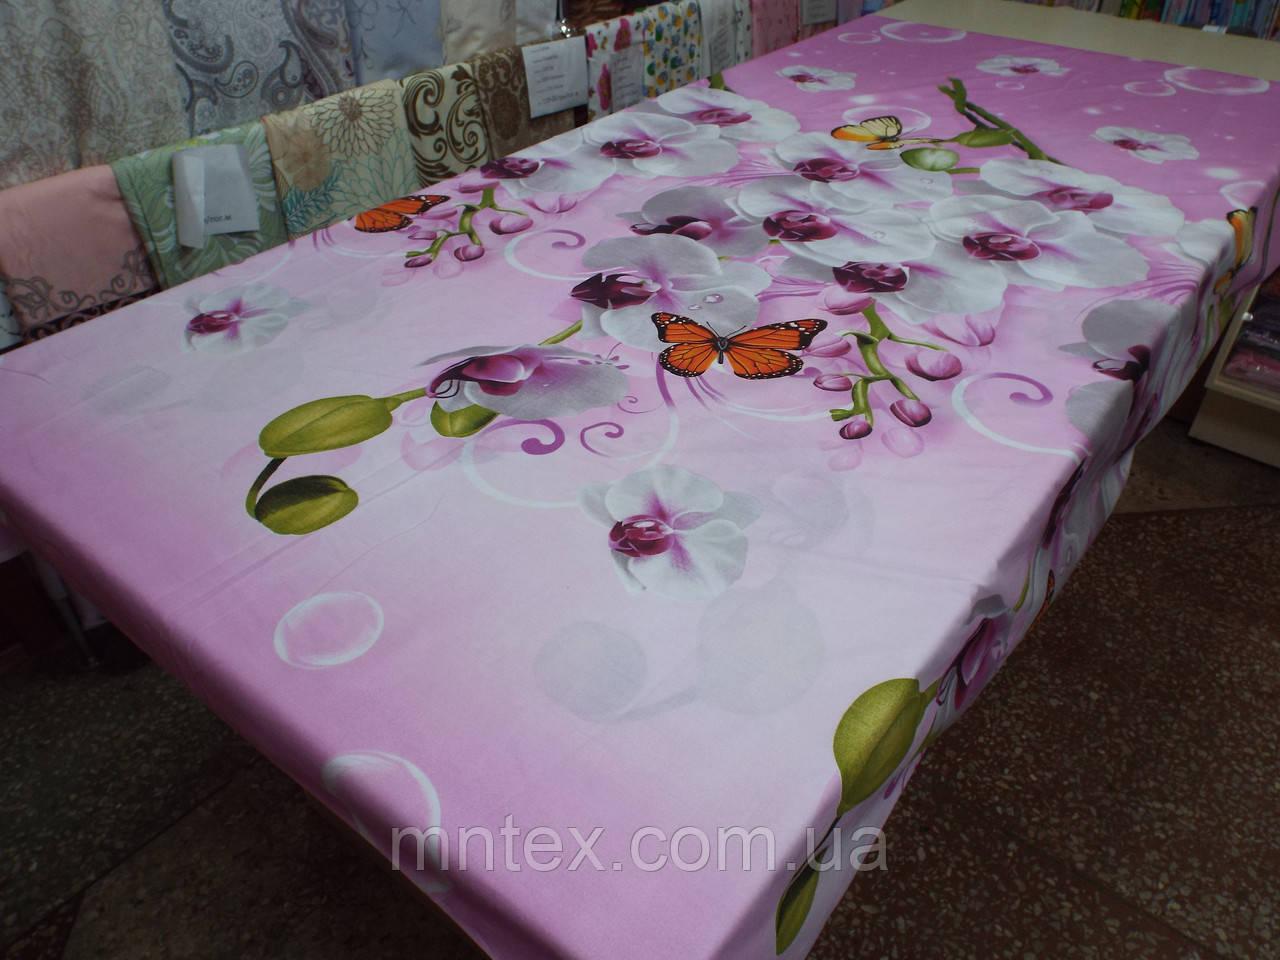 Ткань для пошива постельного белья Ранфорс Нежность